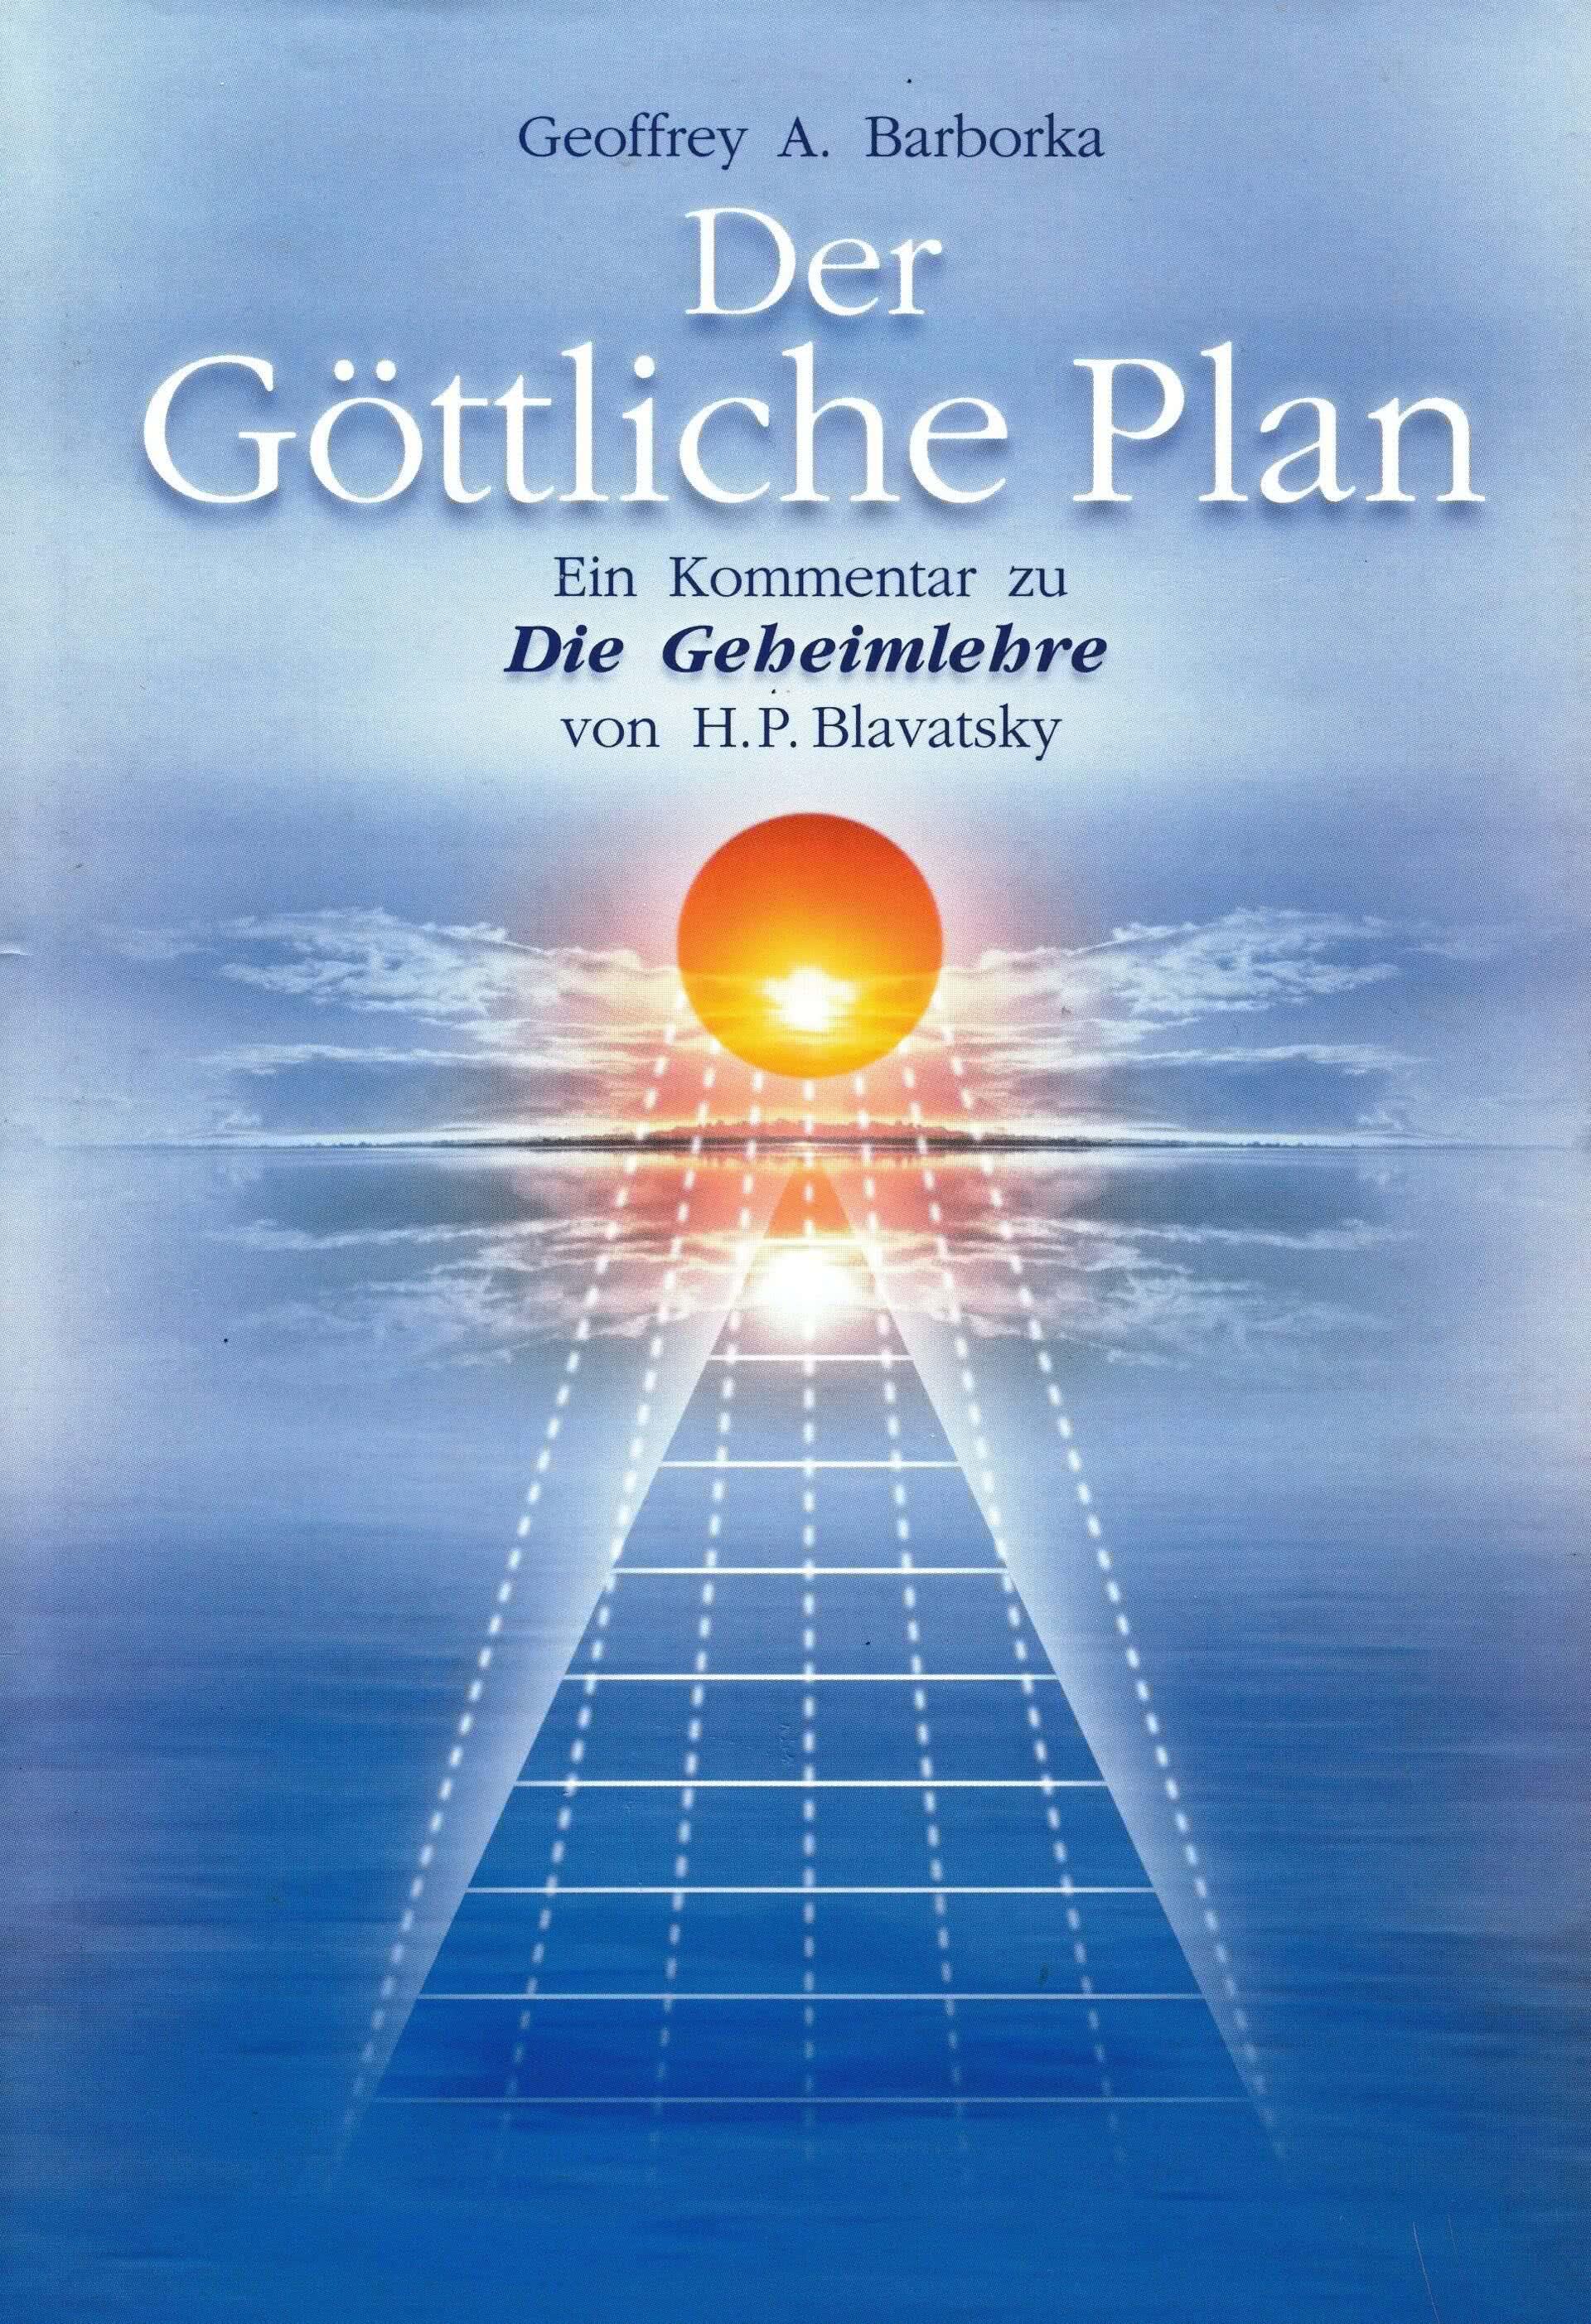 Der Göttliche Plan. Ein Kommentar zu